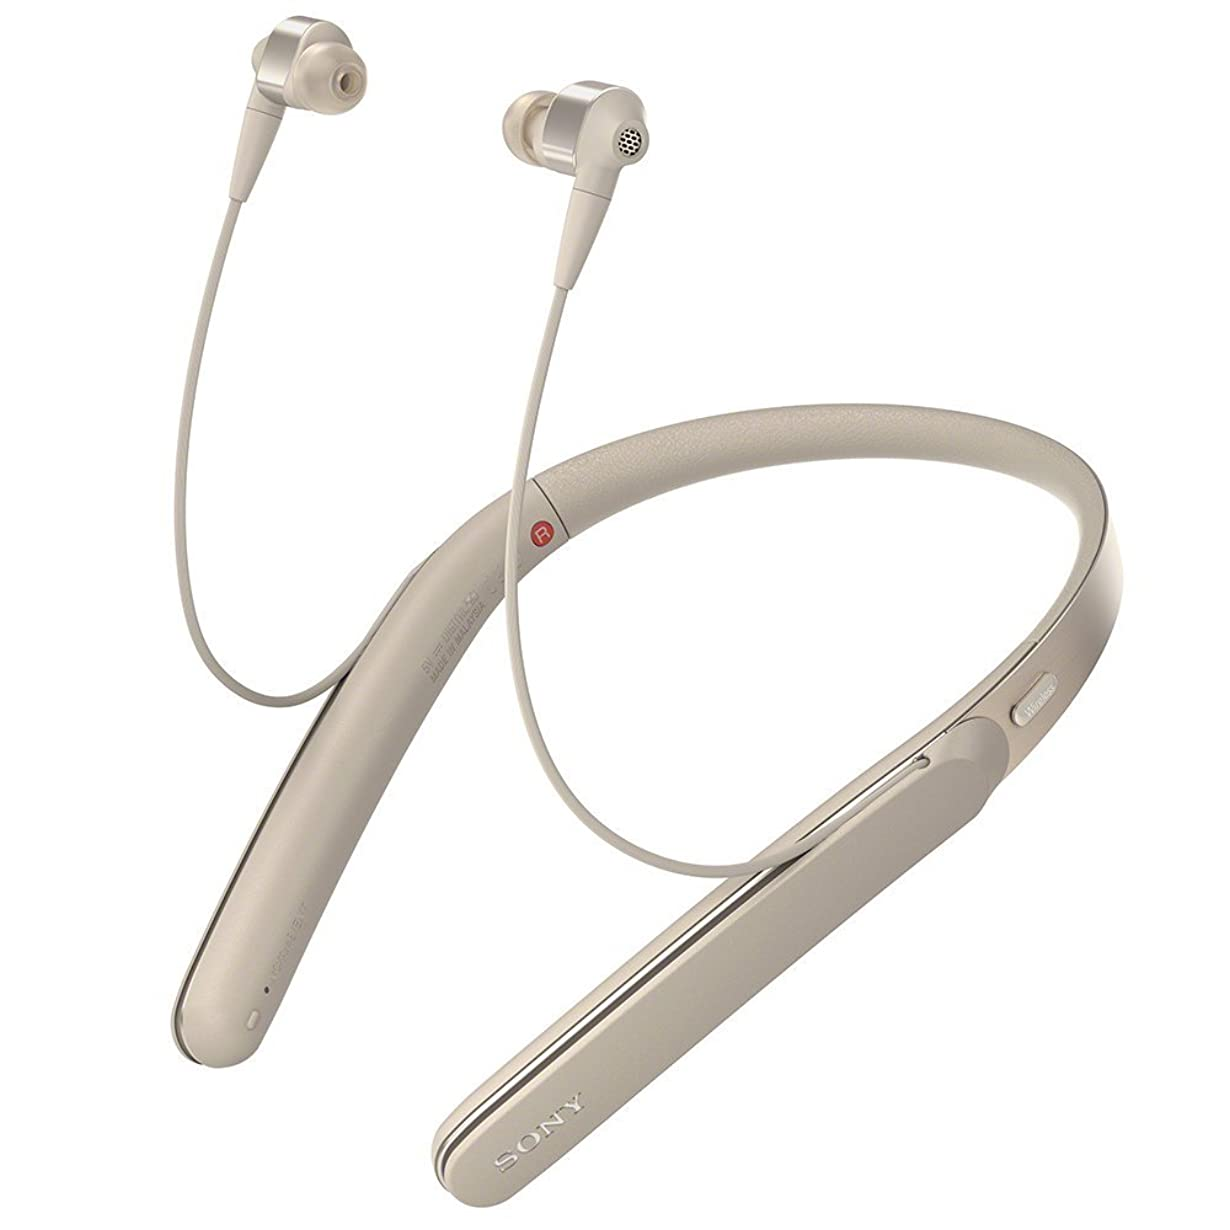 レキシコン鏡大胆なSony WI-1000X Gold ワイヤレスノイズキャンセリングヘッドフォン WI1000X [並行輸入品]